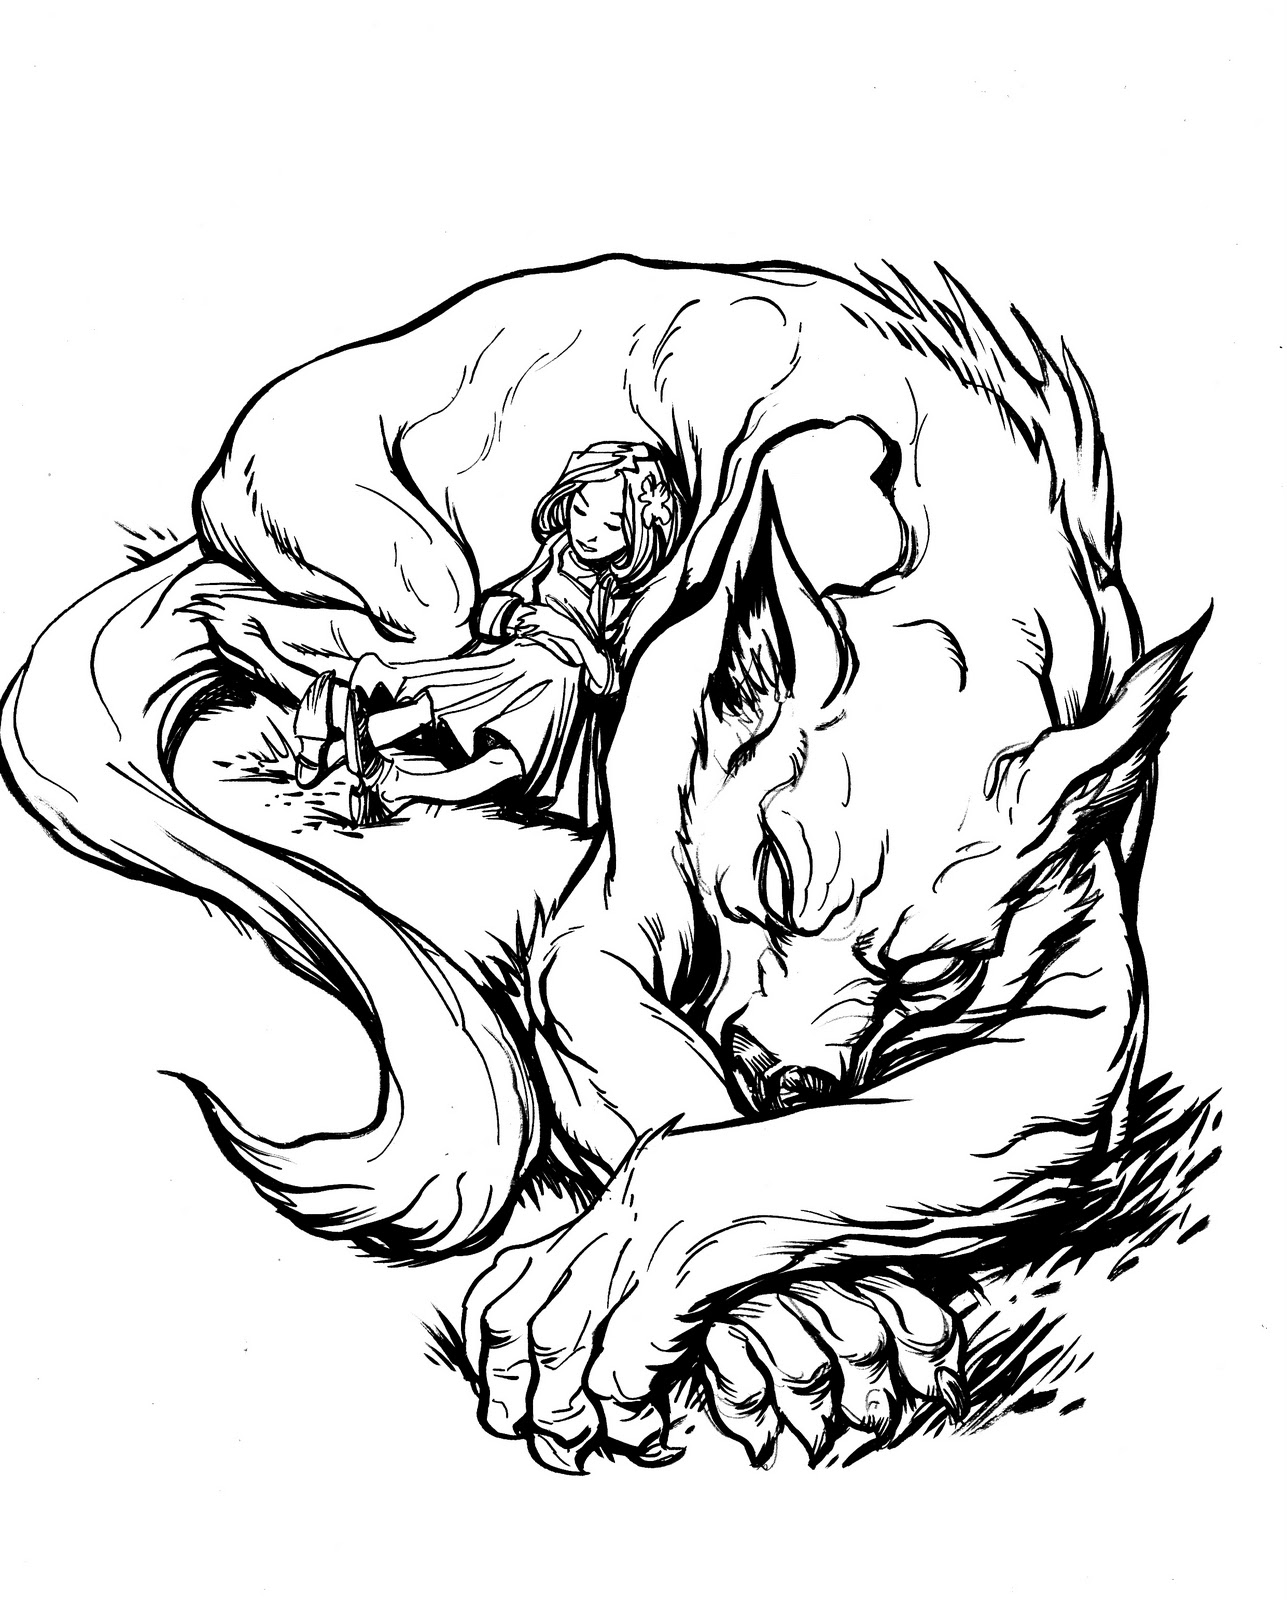 Werewolf sex drawings nude sensual wifes